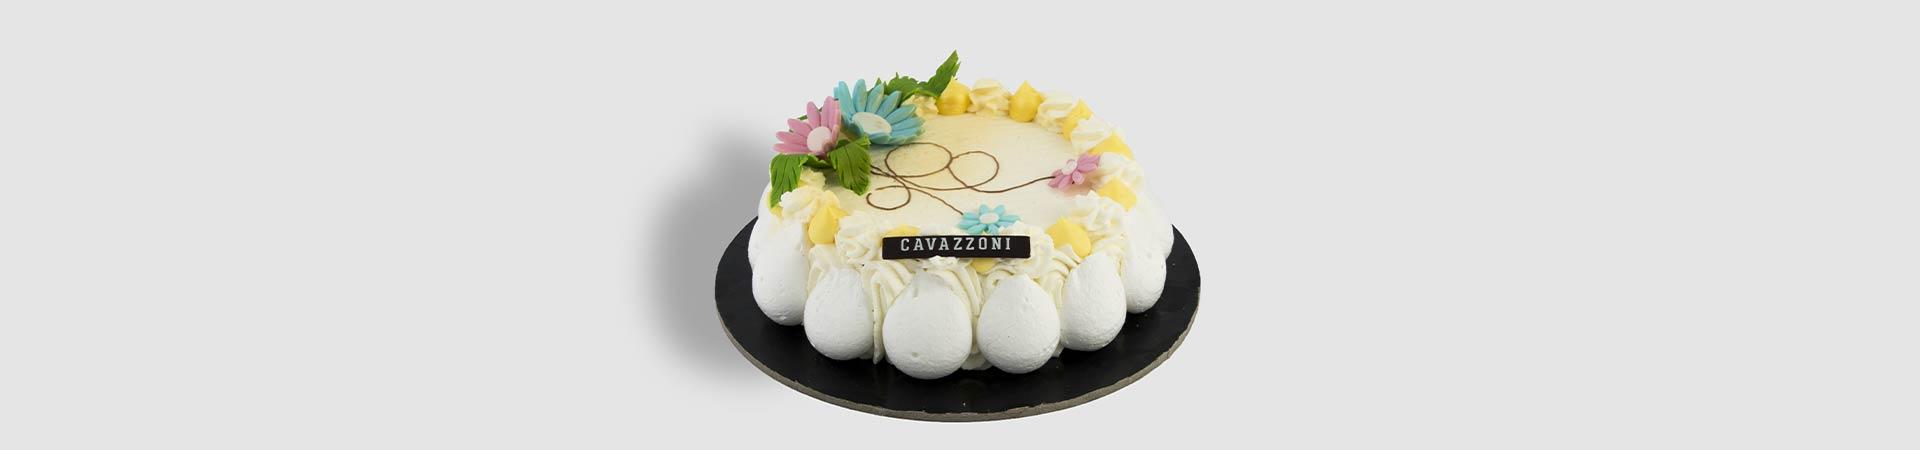 Torta Classica al Gianduia - Pasticceria Cavazzoni Fano